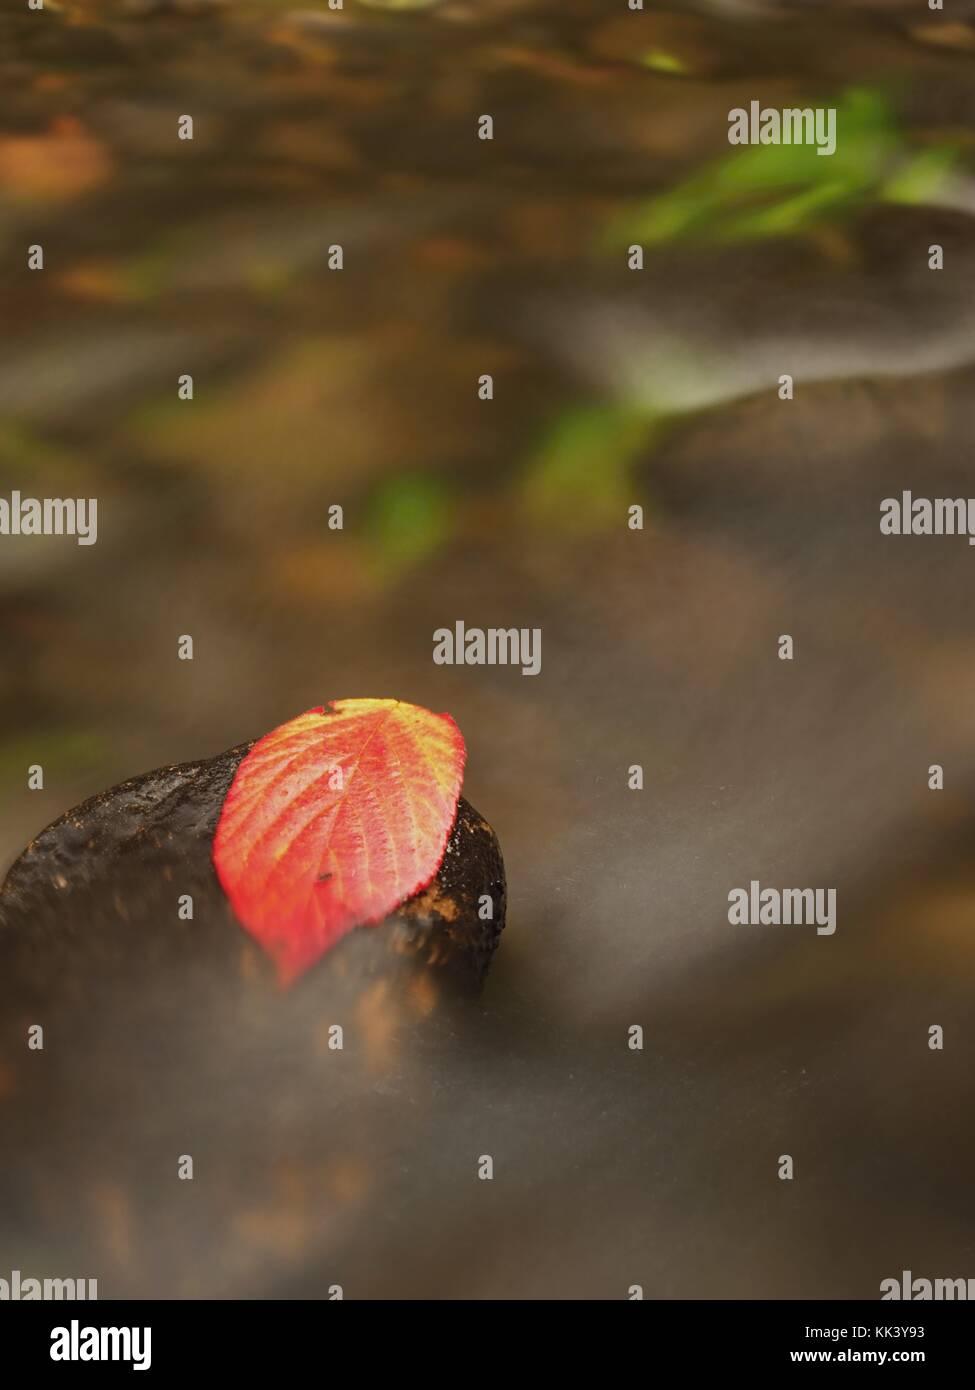 Feuille de framboise épineux pris sur la pierre humide. Les feuilles d'un piège dans le milieu d'un ruisseau de montagne. Banque D'Images